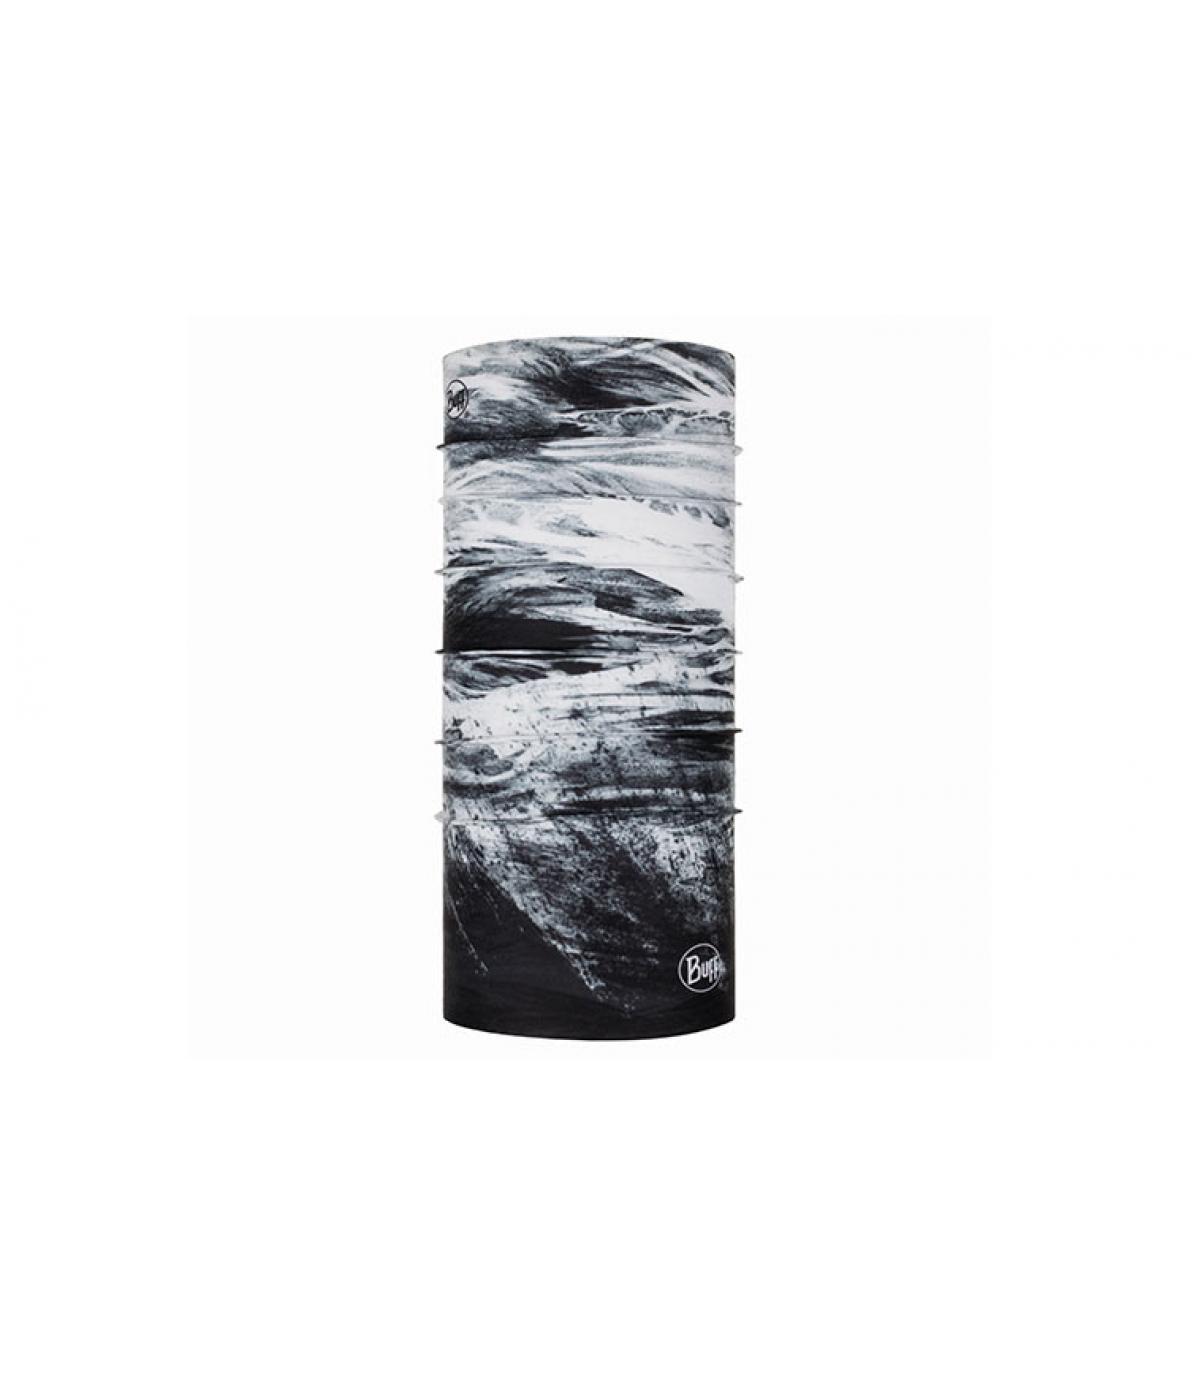 Buff stampato in bianco nero